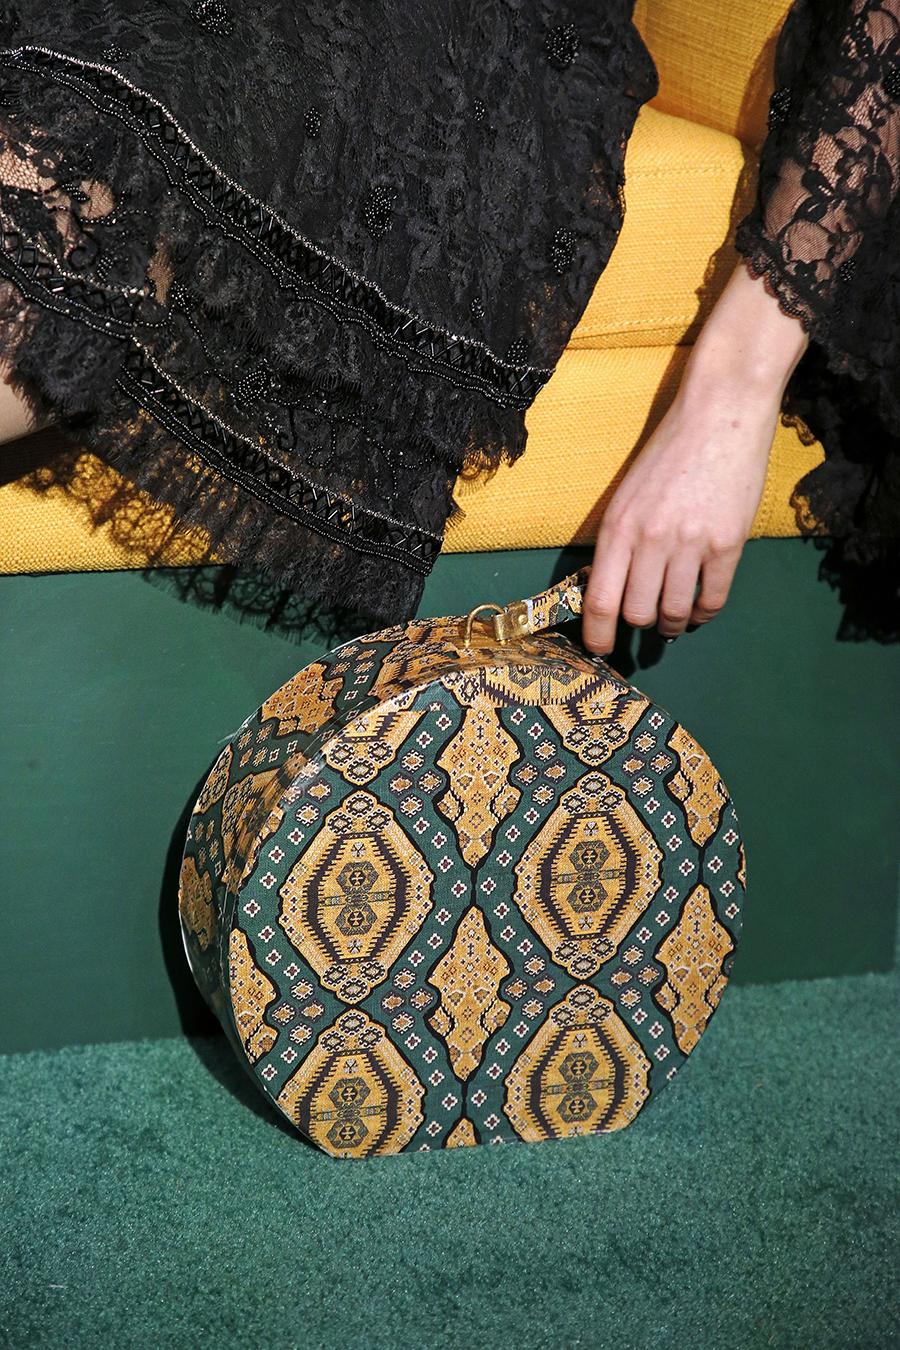 модная осень зима 2020 2021 круглая шляпная коробка жесткая форма узоры принты зеленый желтый